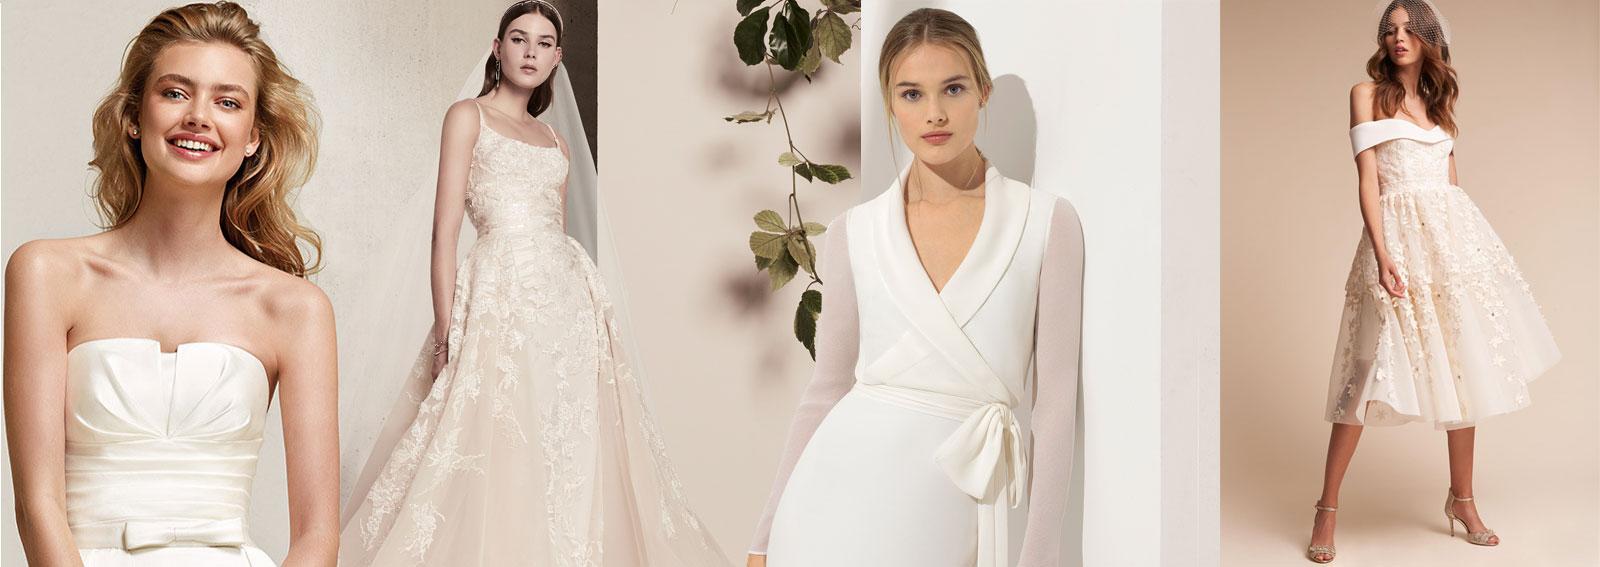 COVER-trend-abiti-da-sposa-2018-DESKTOP